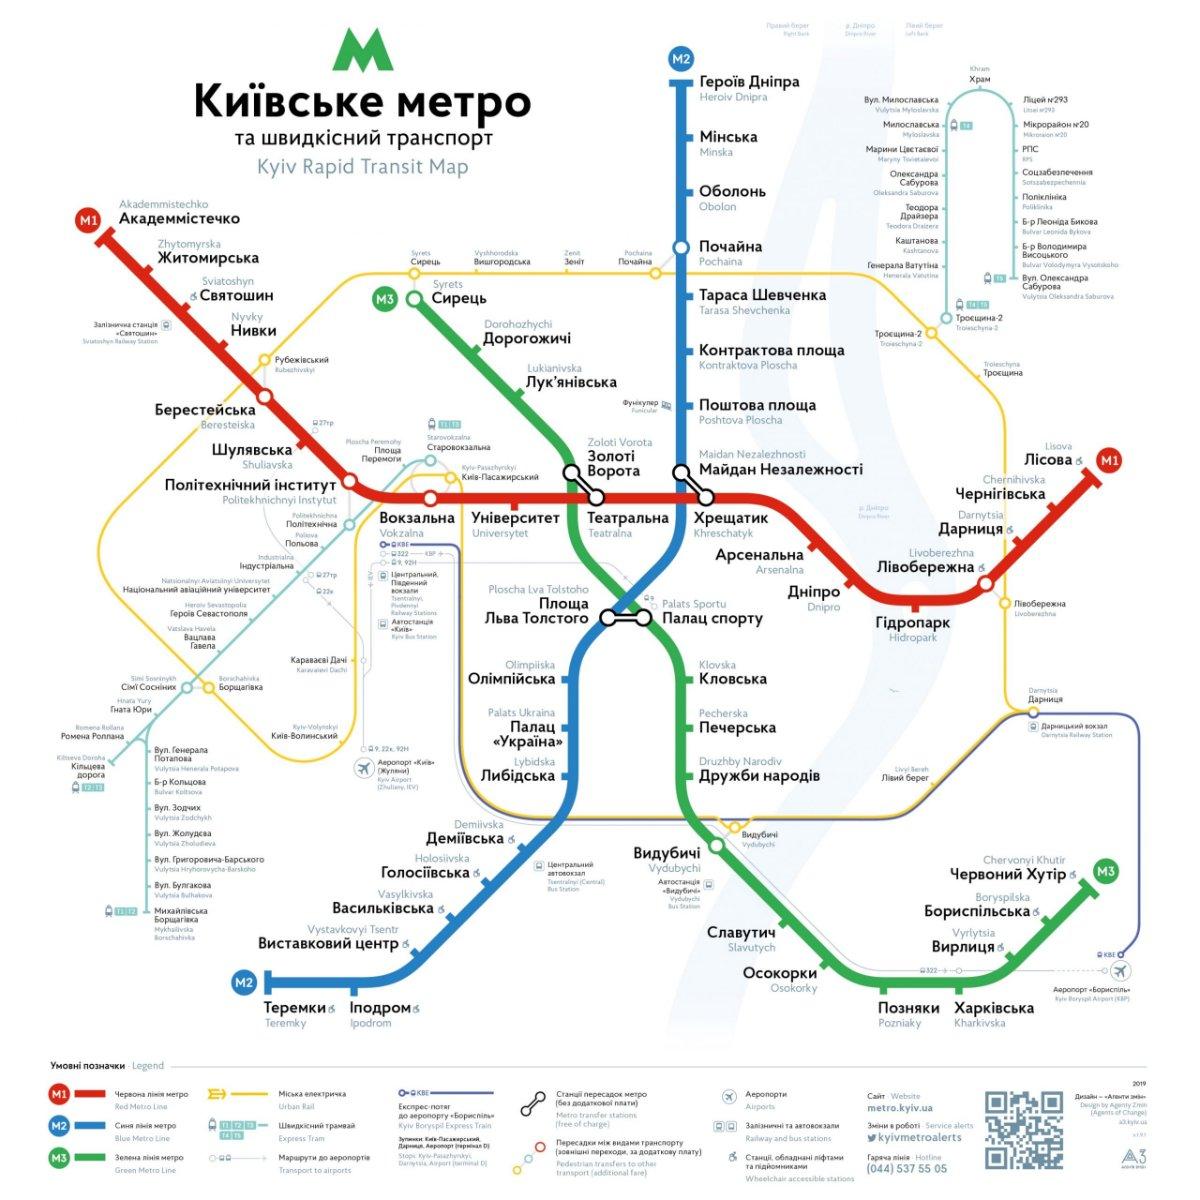 IDMedia Наружная реклама в городе Киев (Киевская область), Метро Digital в городе Киев №238985 схема